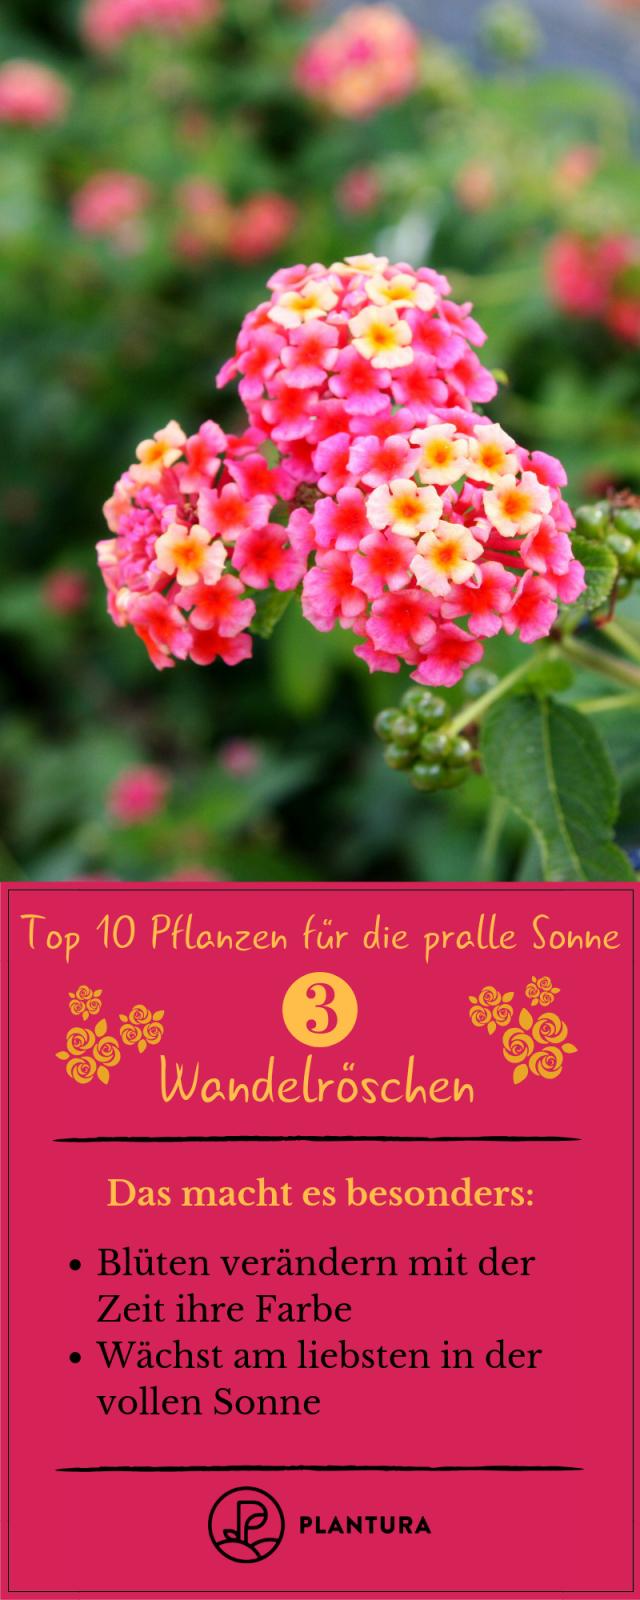 Pflanzen Für Die Pralle Sonne Die Top 10 Für Garten  Balkon von Balkonpflanzen Für Pralle Sonne Photo